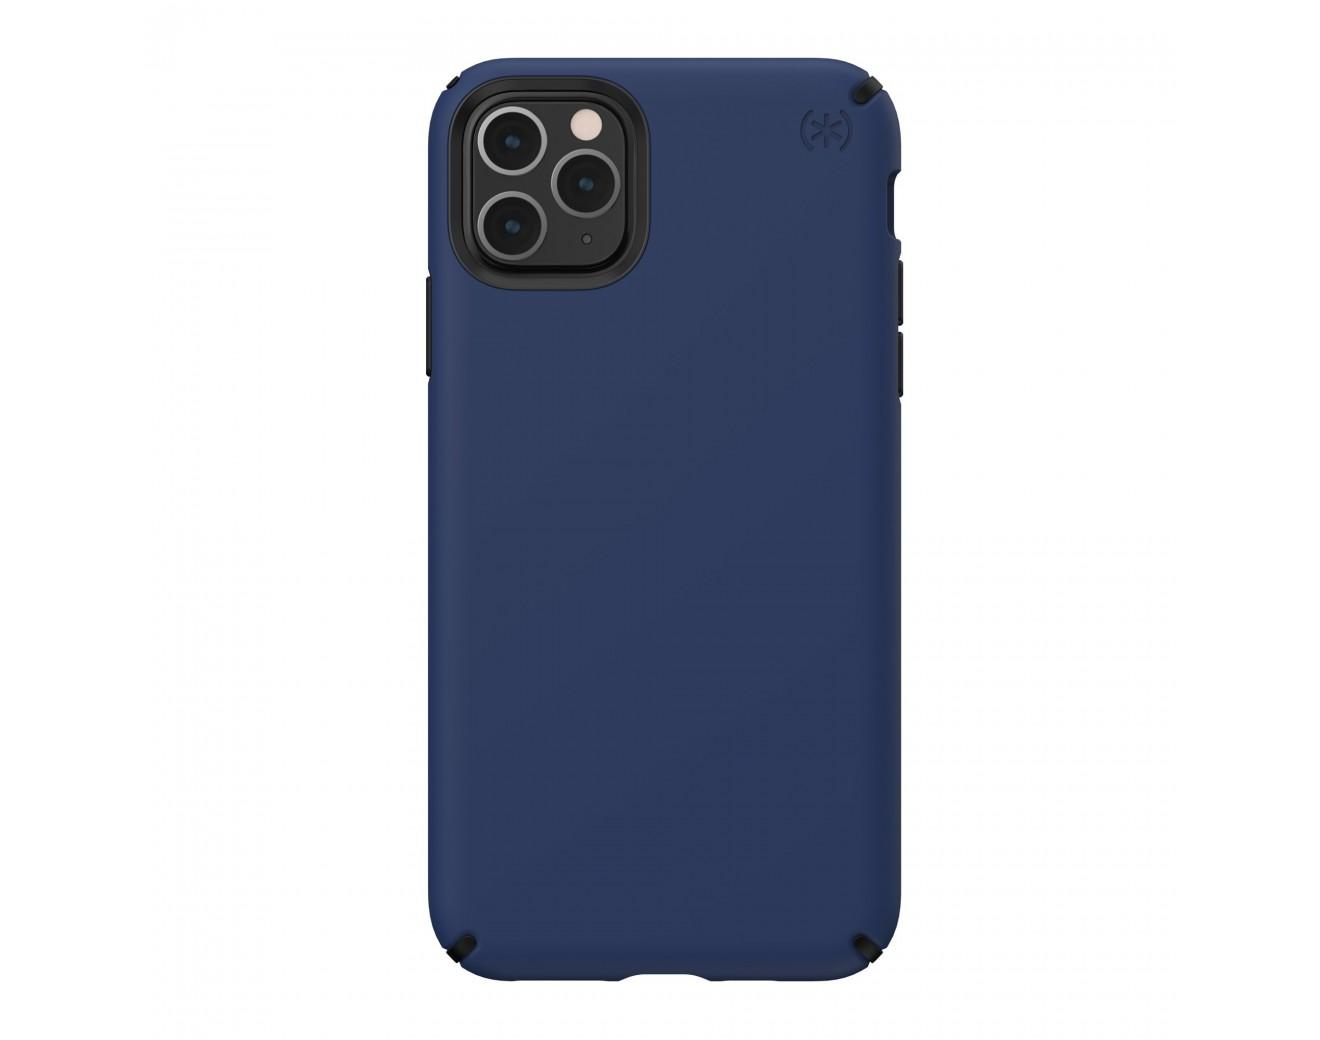 Калъф Speck Presidio Pro за iPhone 11 Pro Max - Coastal